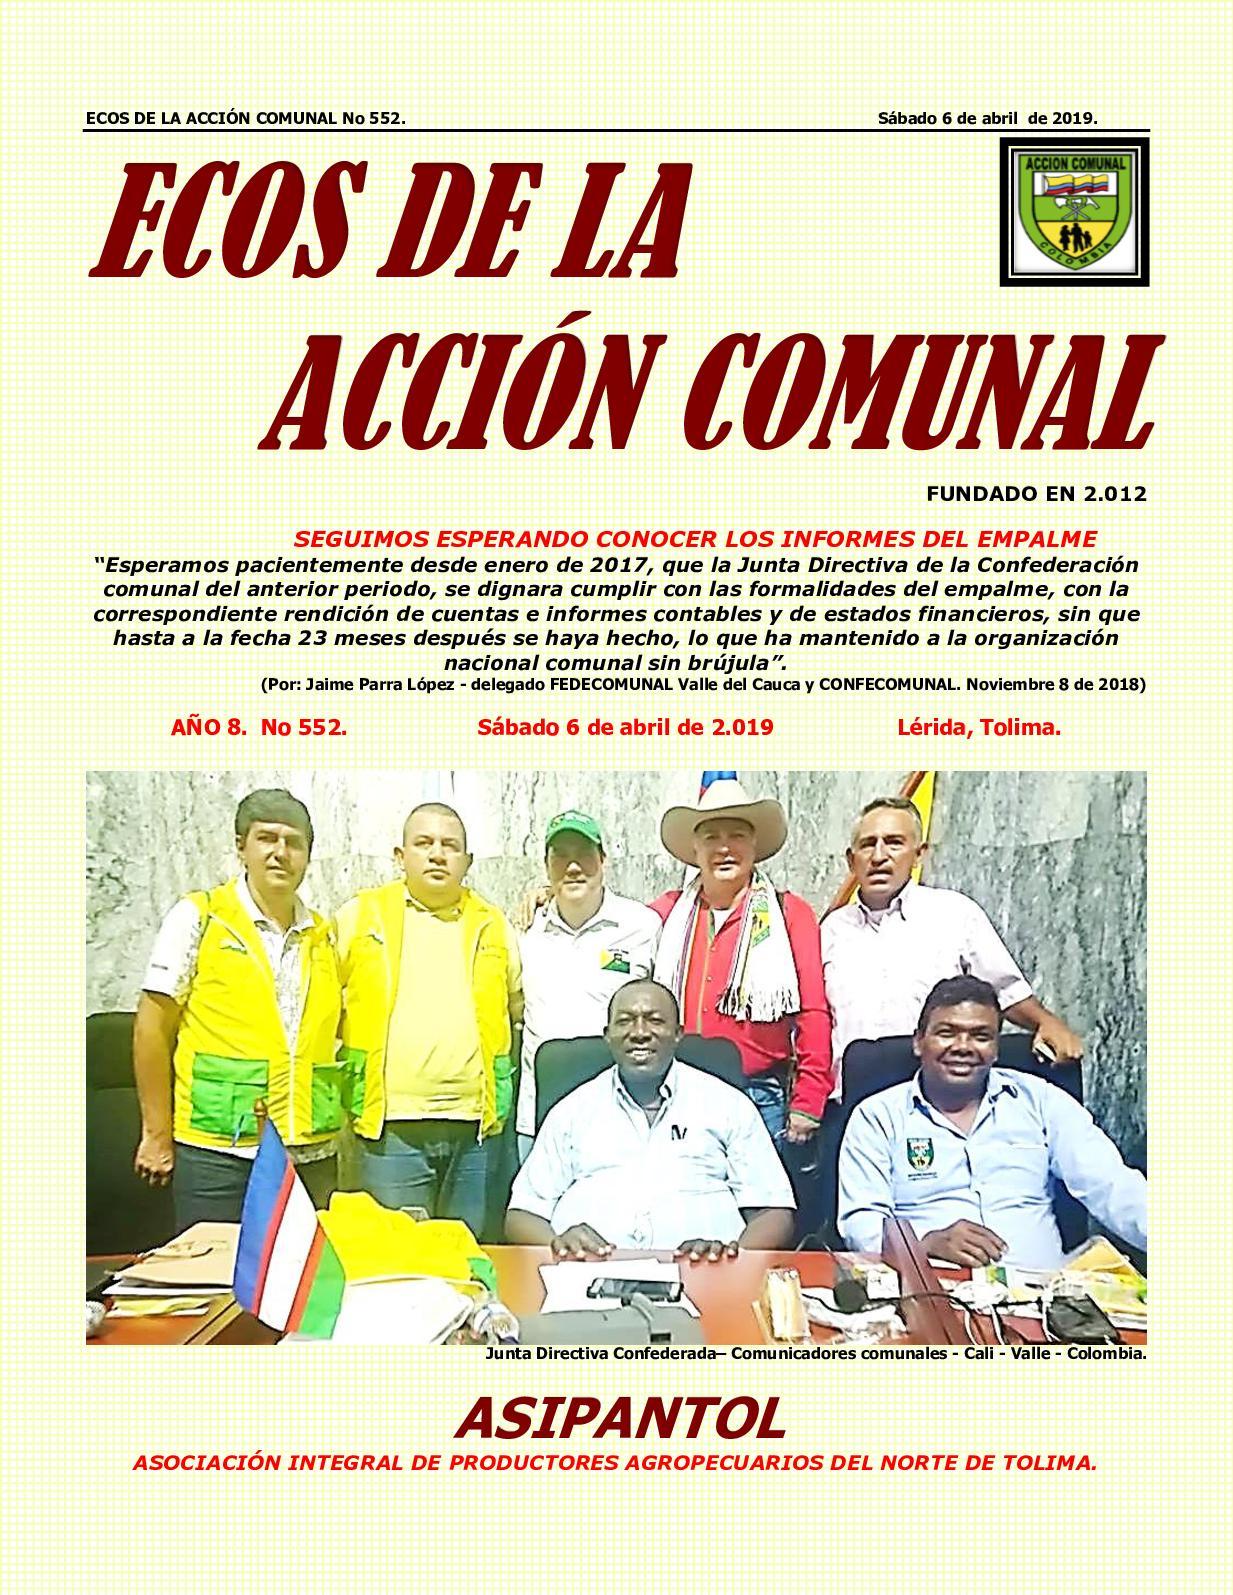 Ecos De La Accion Comunal No 552 Sábado 6 De Abril De 2019